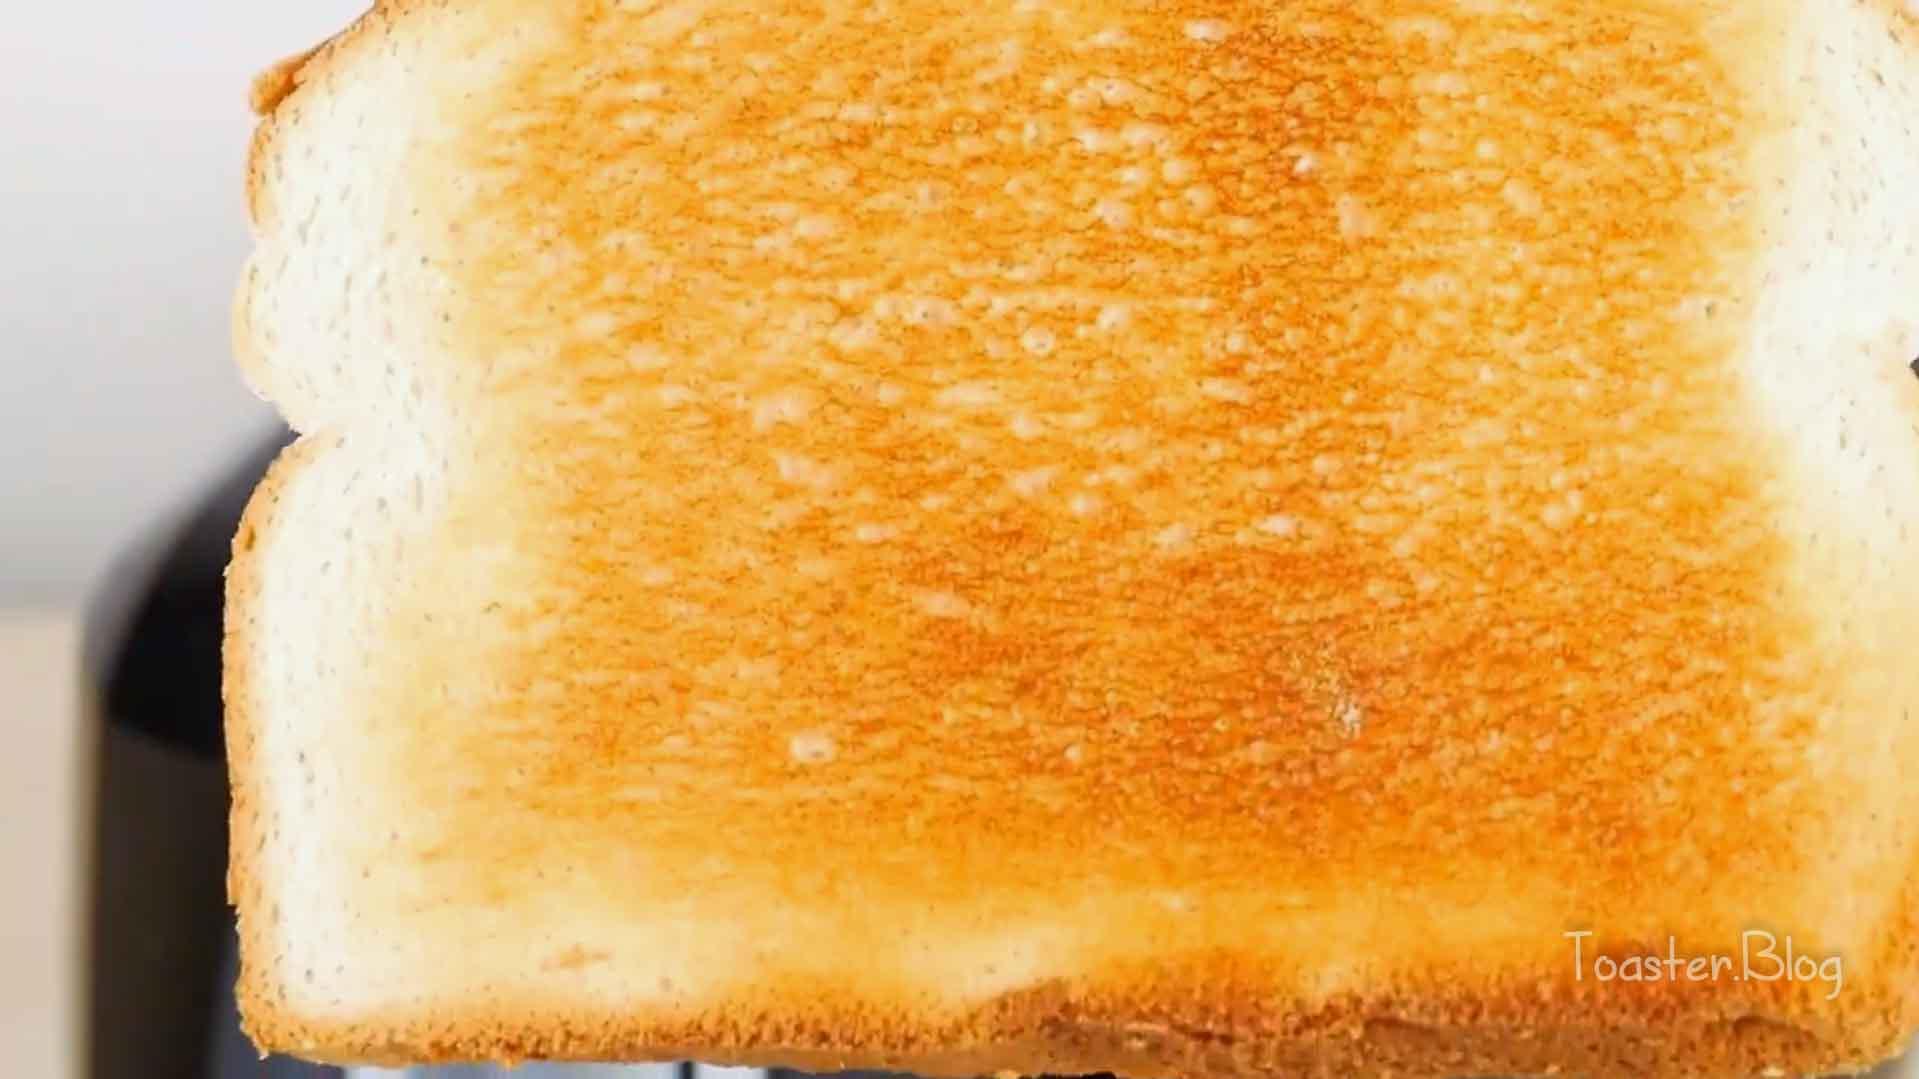 Best dark blue toaster